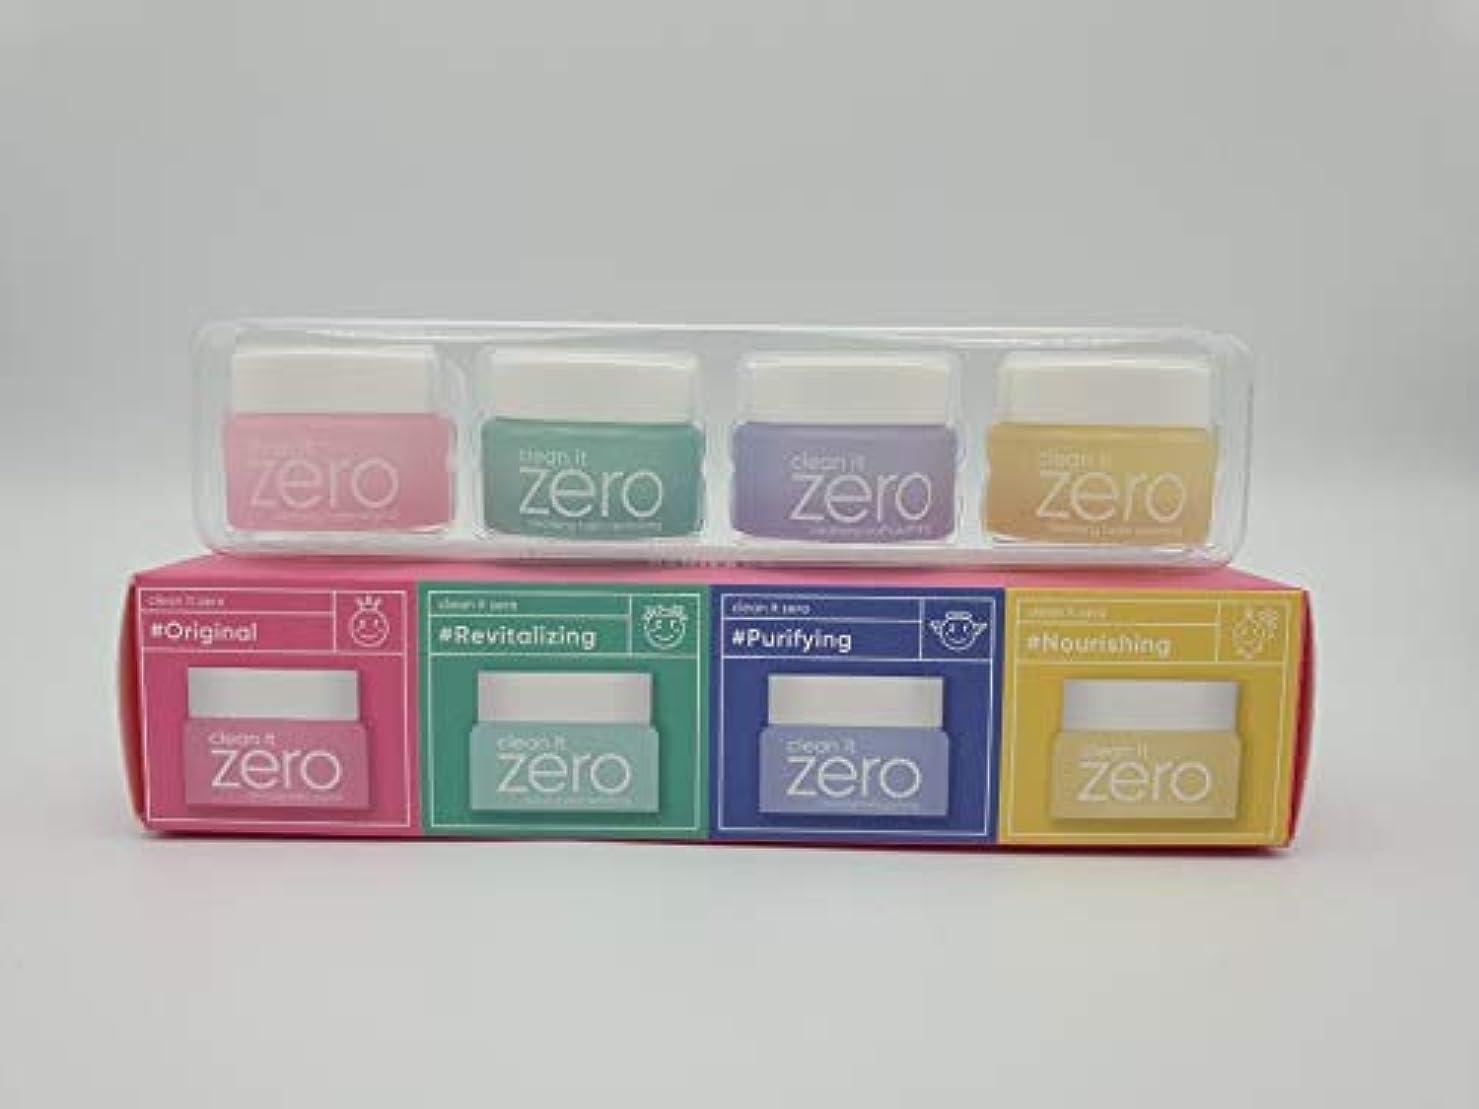 間違いなく心のこもった分類BANILA CO Clean It Zero Special Kit (7ml×4items)/バニラコ クリーン イット ゼロ スペシャル キット (7ml×4種) [並行輸入品]